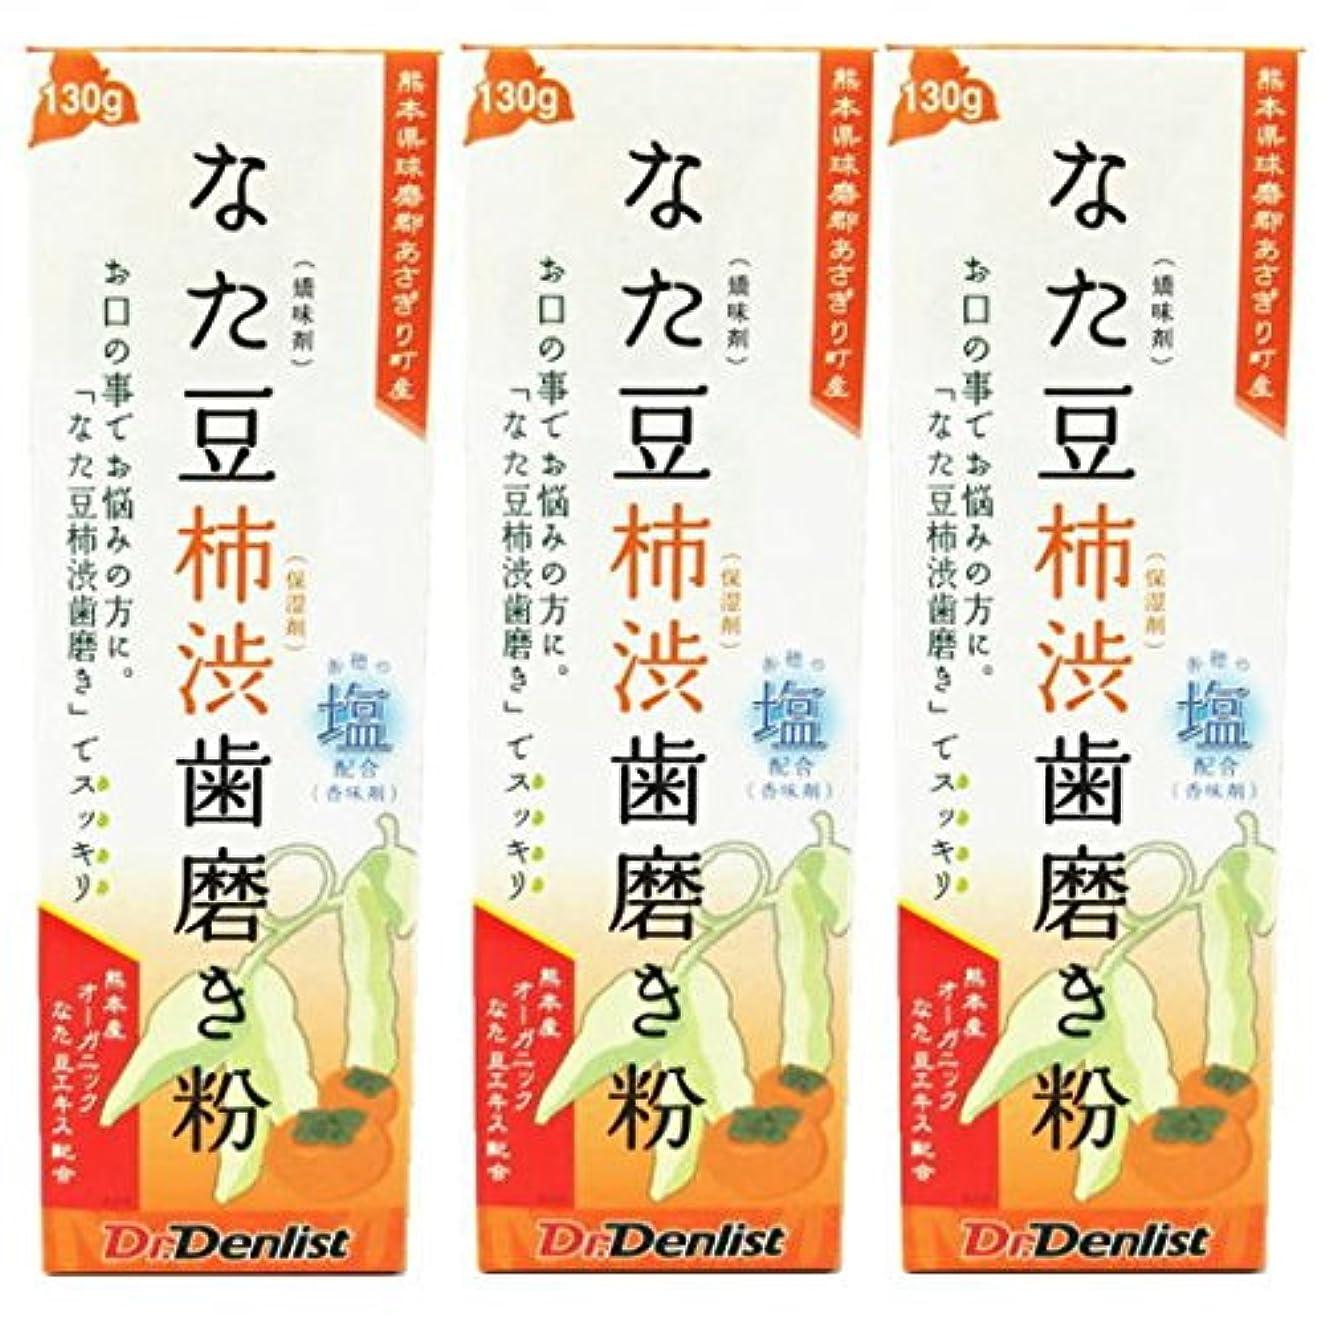 報奨金藤色一回なた豆柿渋歯磨き 130g 3個セット 国産 有機なた豆使用 赤穂の塩配合(香味剤)